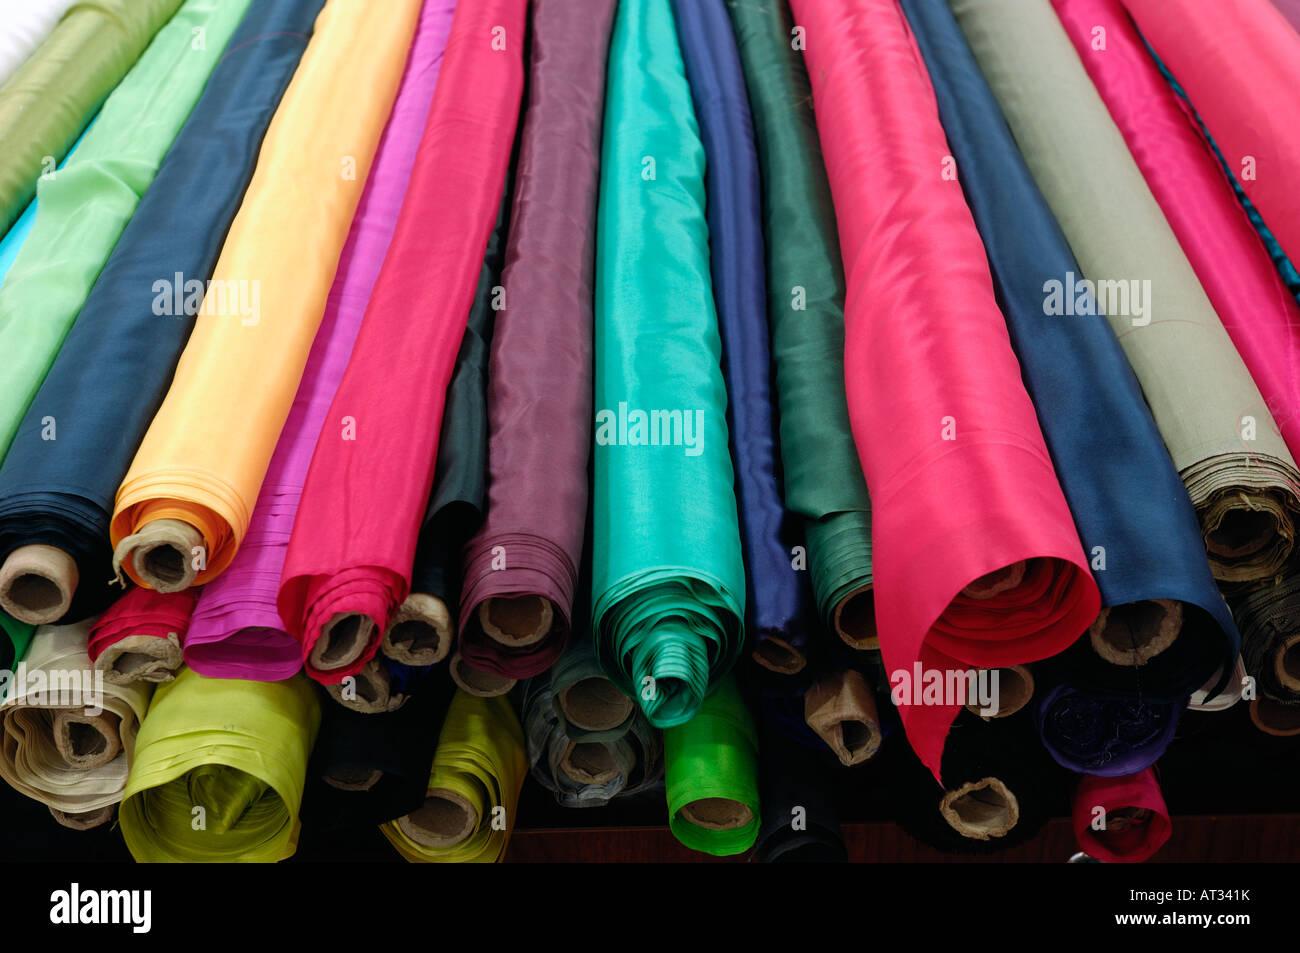 Tessuti di seta in vendita nella nuova strada di seta shopping mall di Pechino. 20-Feb-2008 Immagini Stock